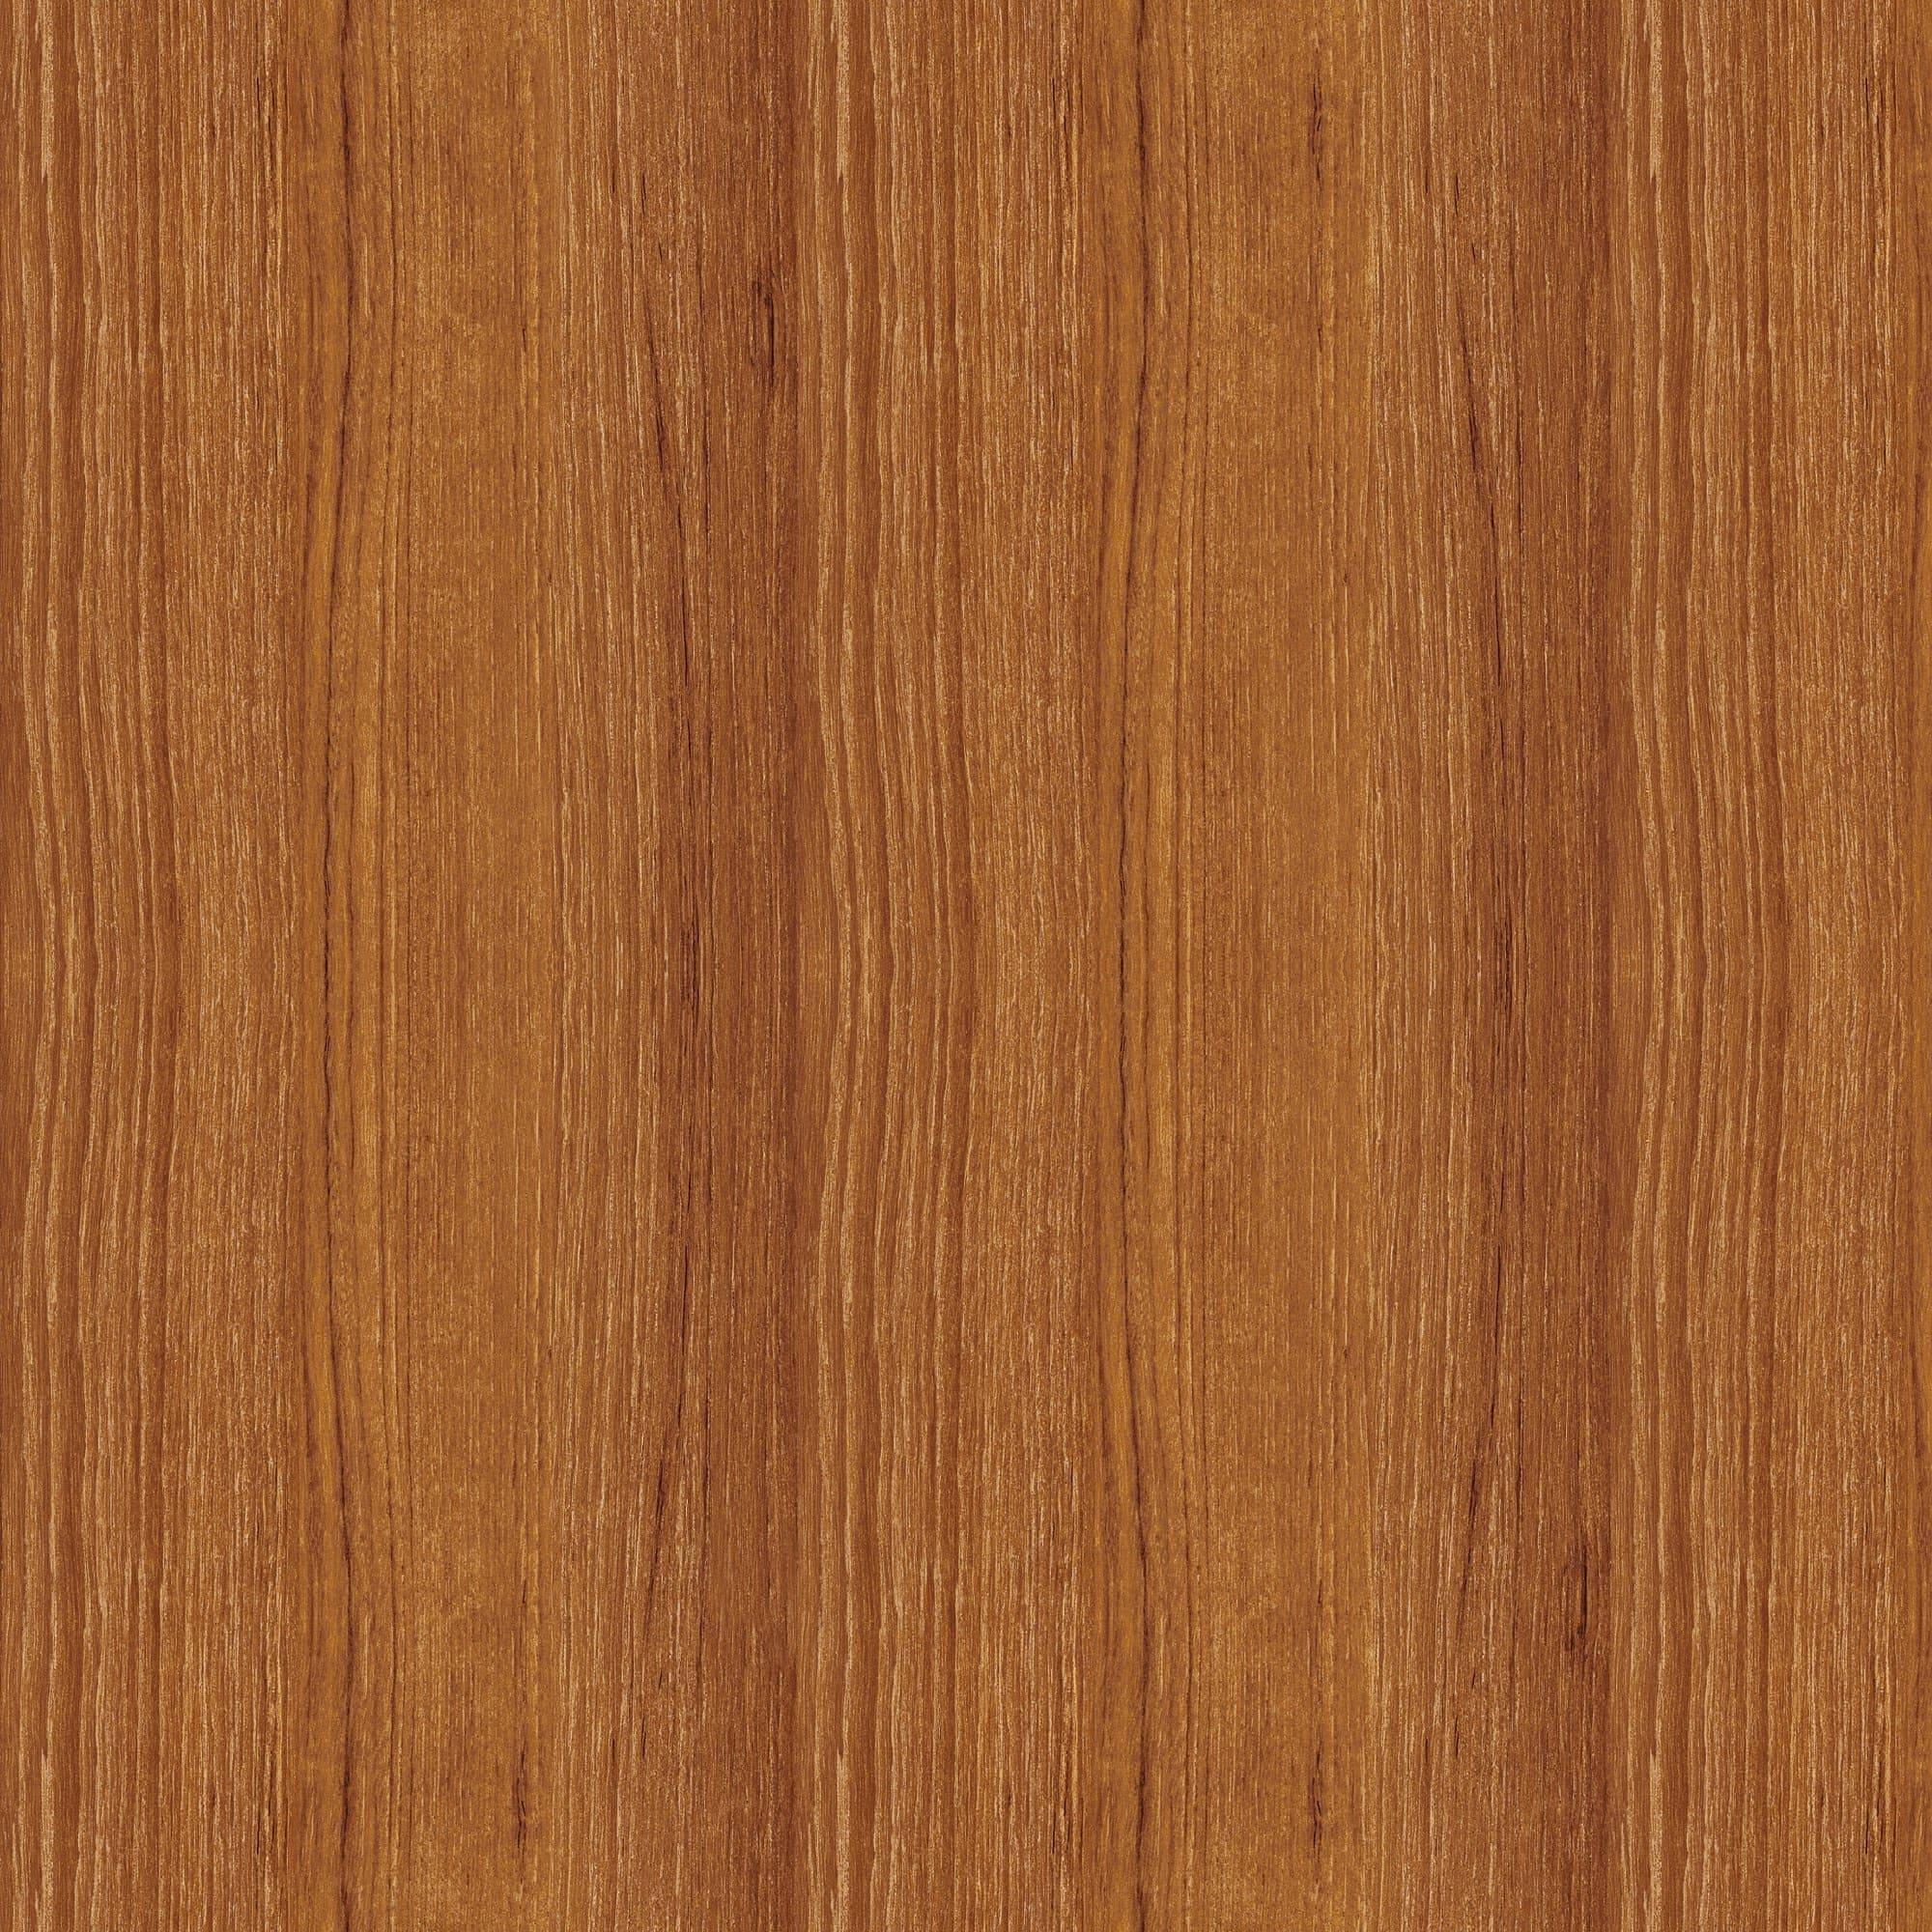 Имидж Мастер, Рабочее место визажиста Винтаж (17 цветов) Дерево имидж мастер рабочее место визажиста винтаж 17 цветов салатовый